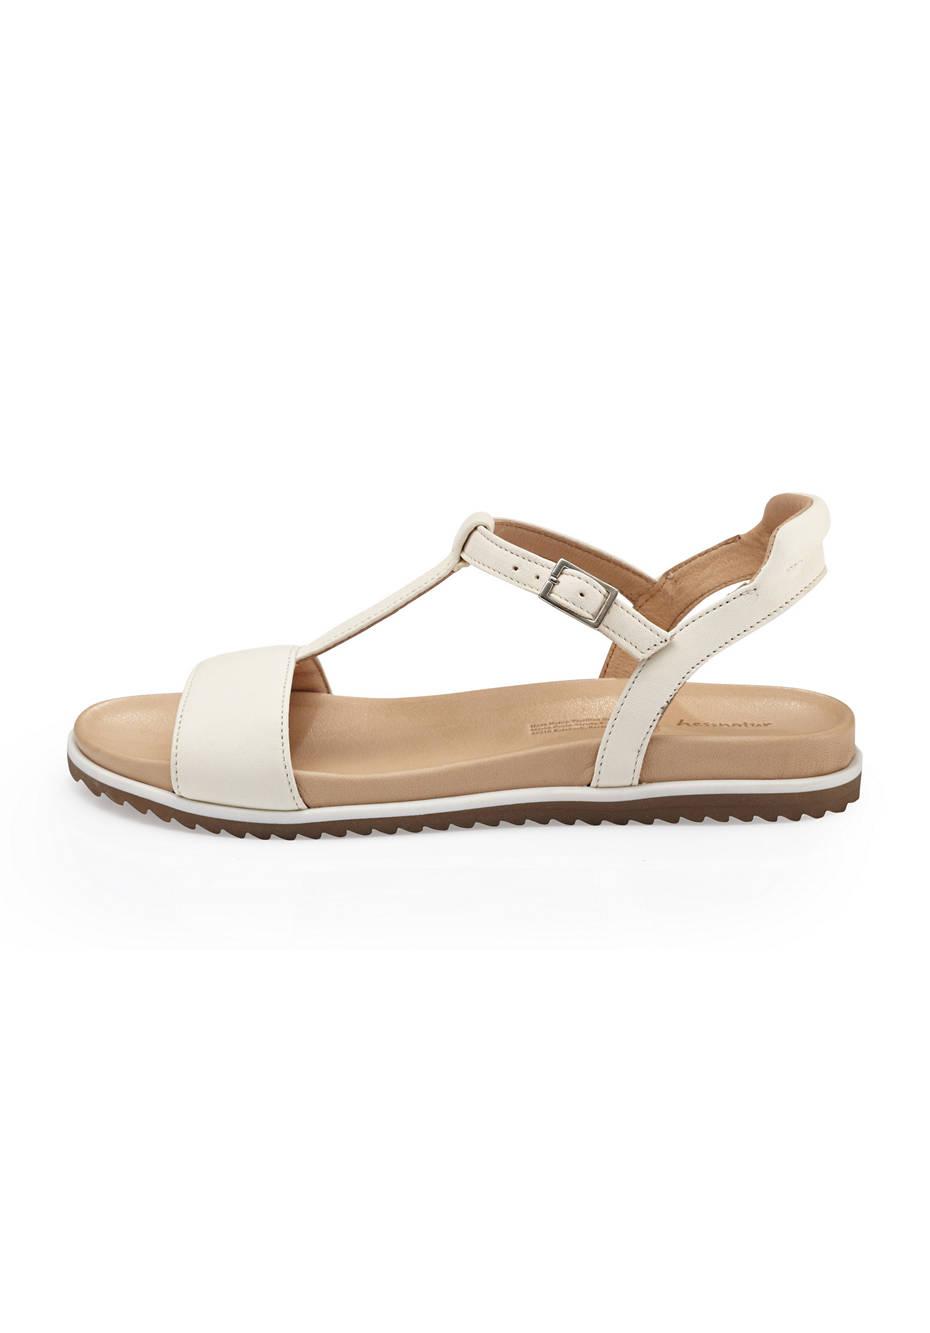 on sale 6cc2d 3128f Damen Sandale aus Leder - hessnatur Deutschland